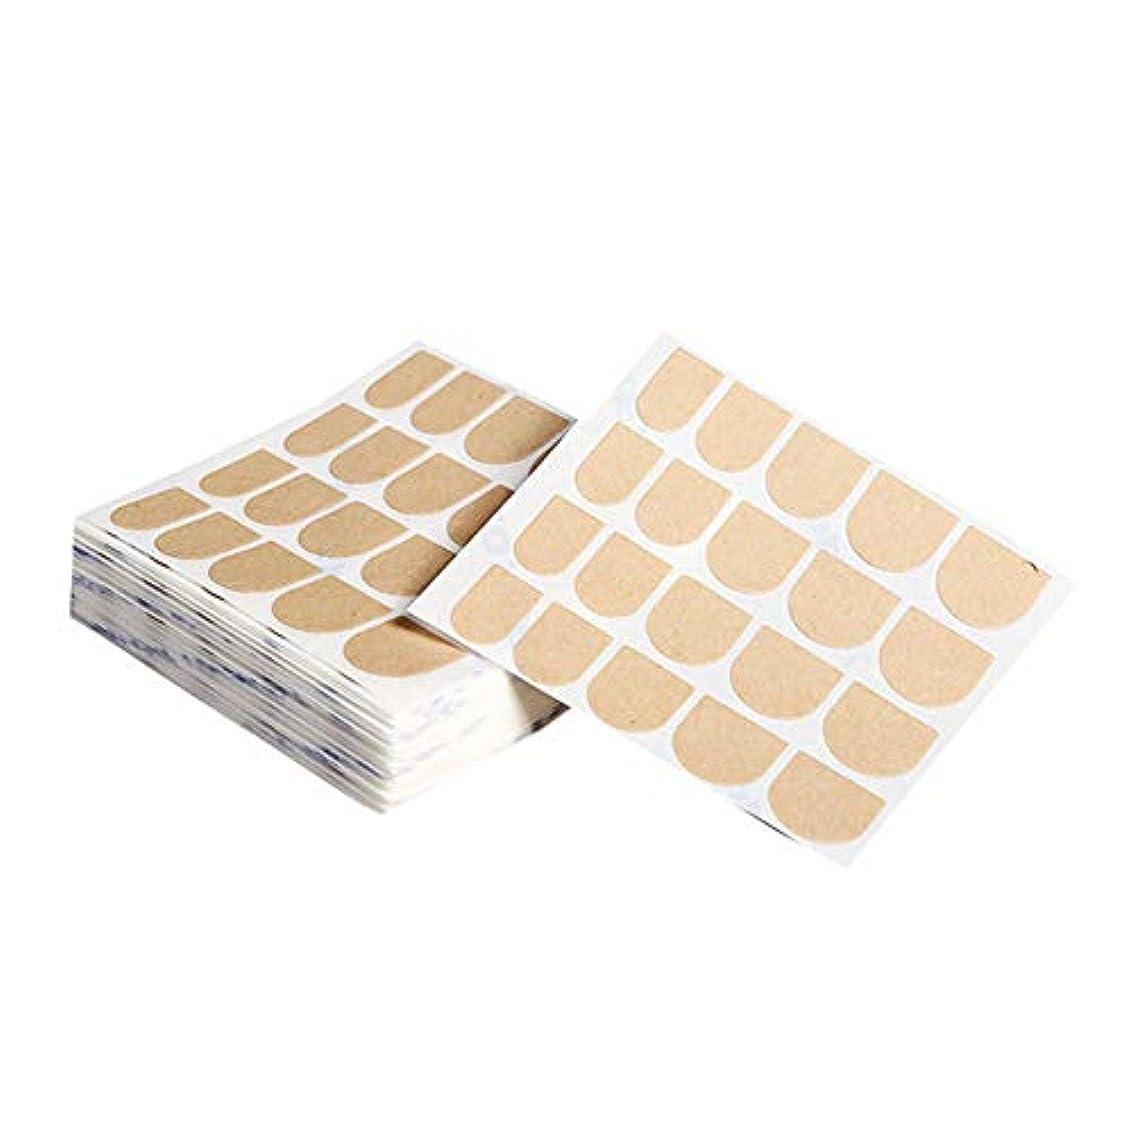 ハードリング動物園配分ACHICOO ネイルアートステッカー 20個 ネイルアート チップネイル ステッカーデカール DIY アクセサリー 20PCS 20pcs packaged